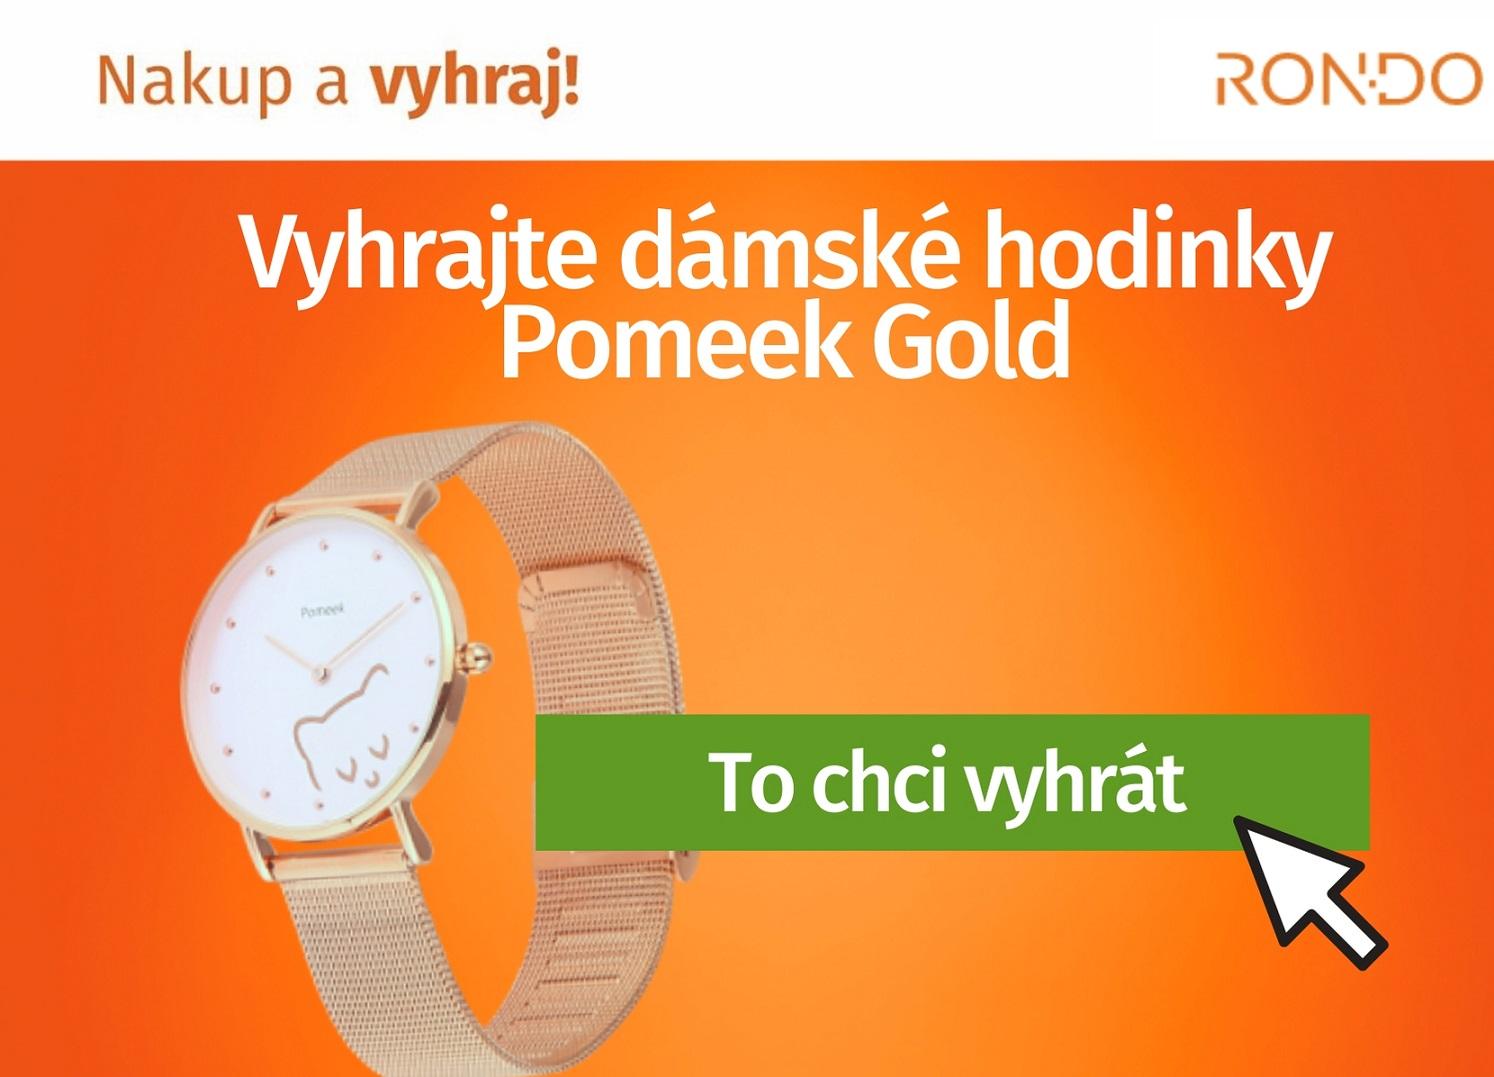 Soutěž o hodinky Pomeek Candy by Aston Diamond - www.rondo.cz